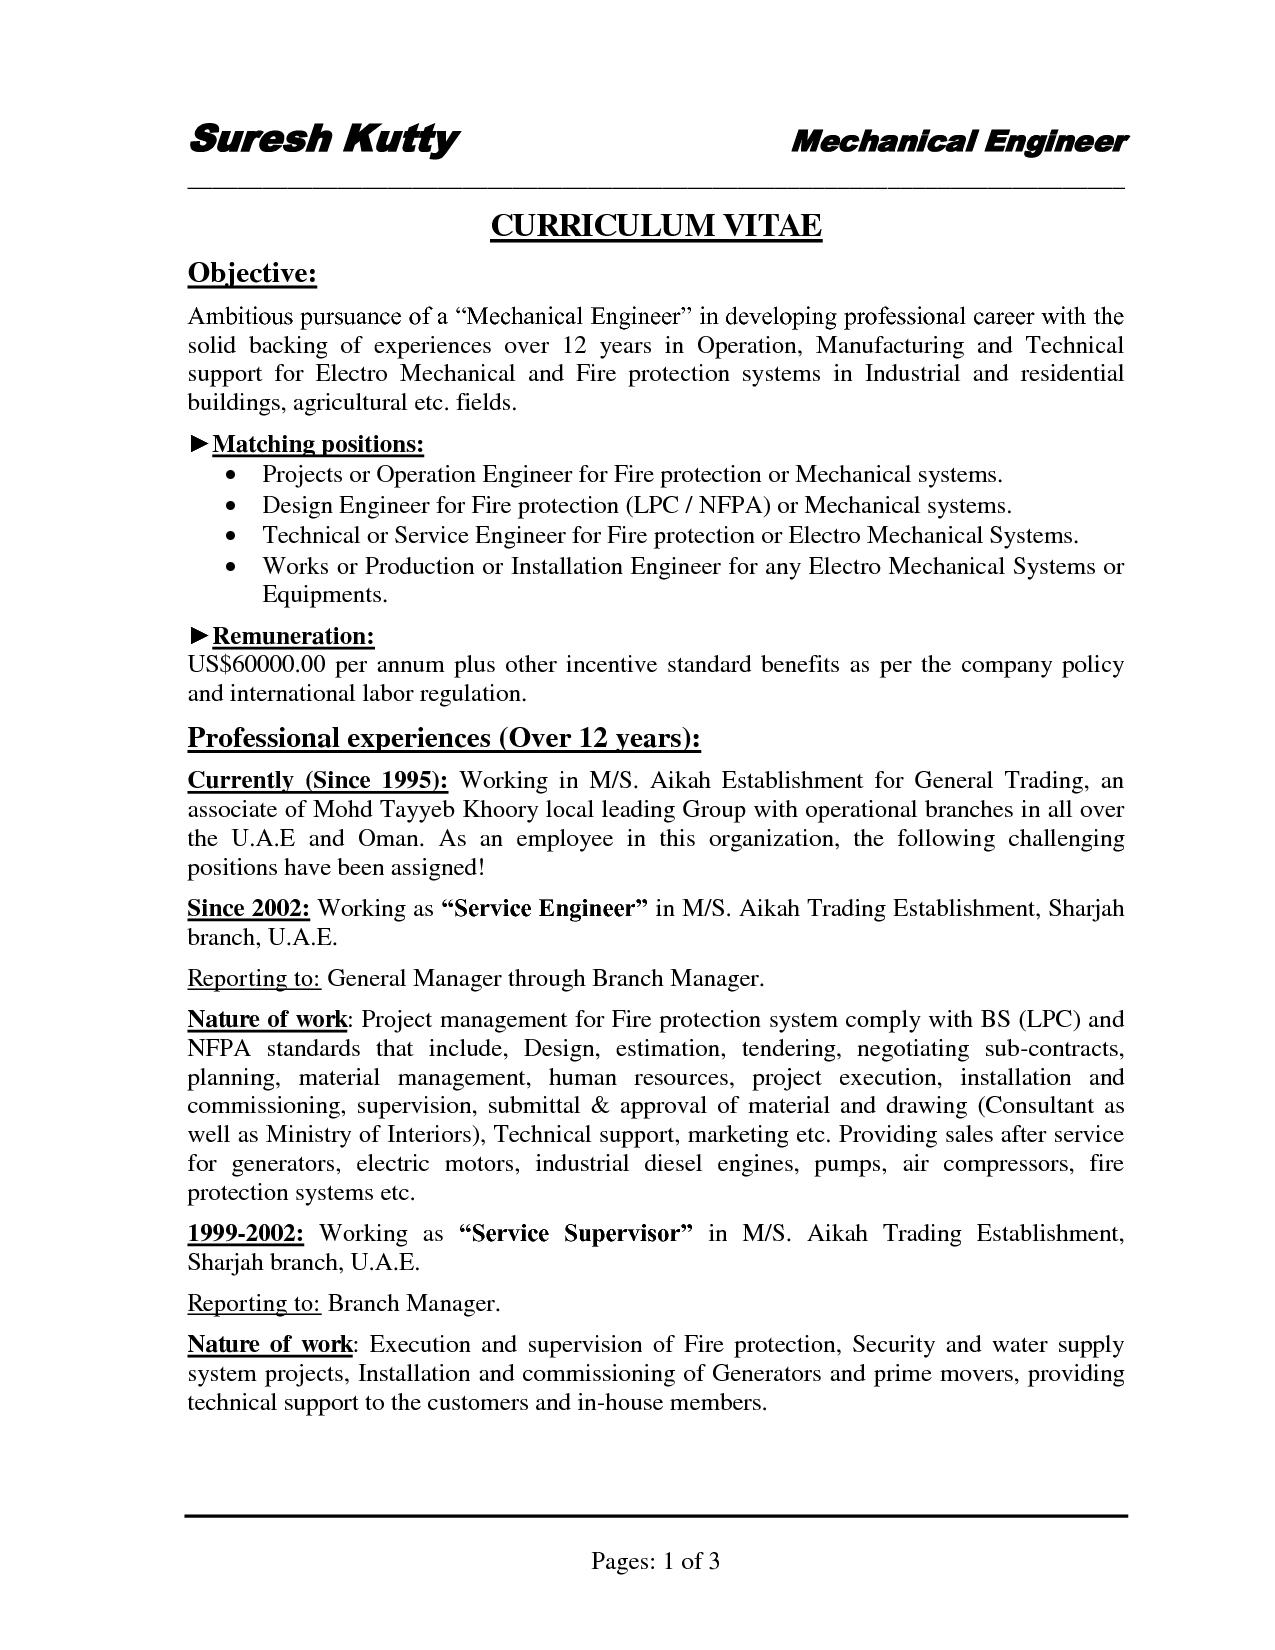 Mechanical Assembler Resume Examples - http://www.resumecareer.info ...